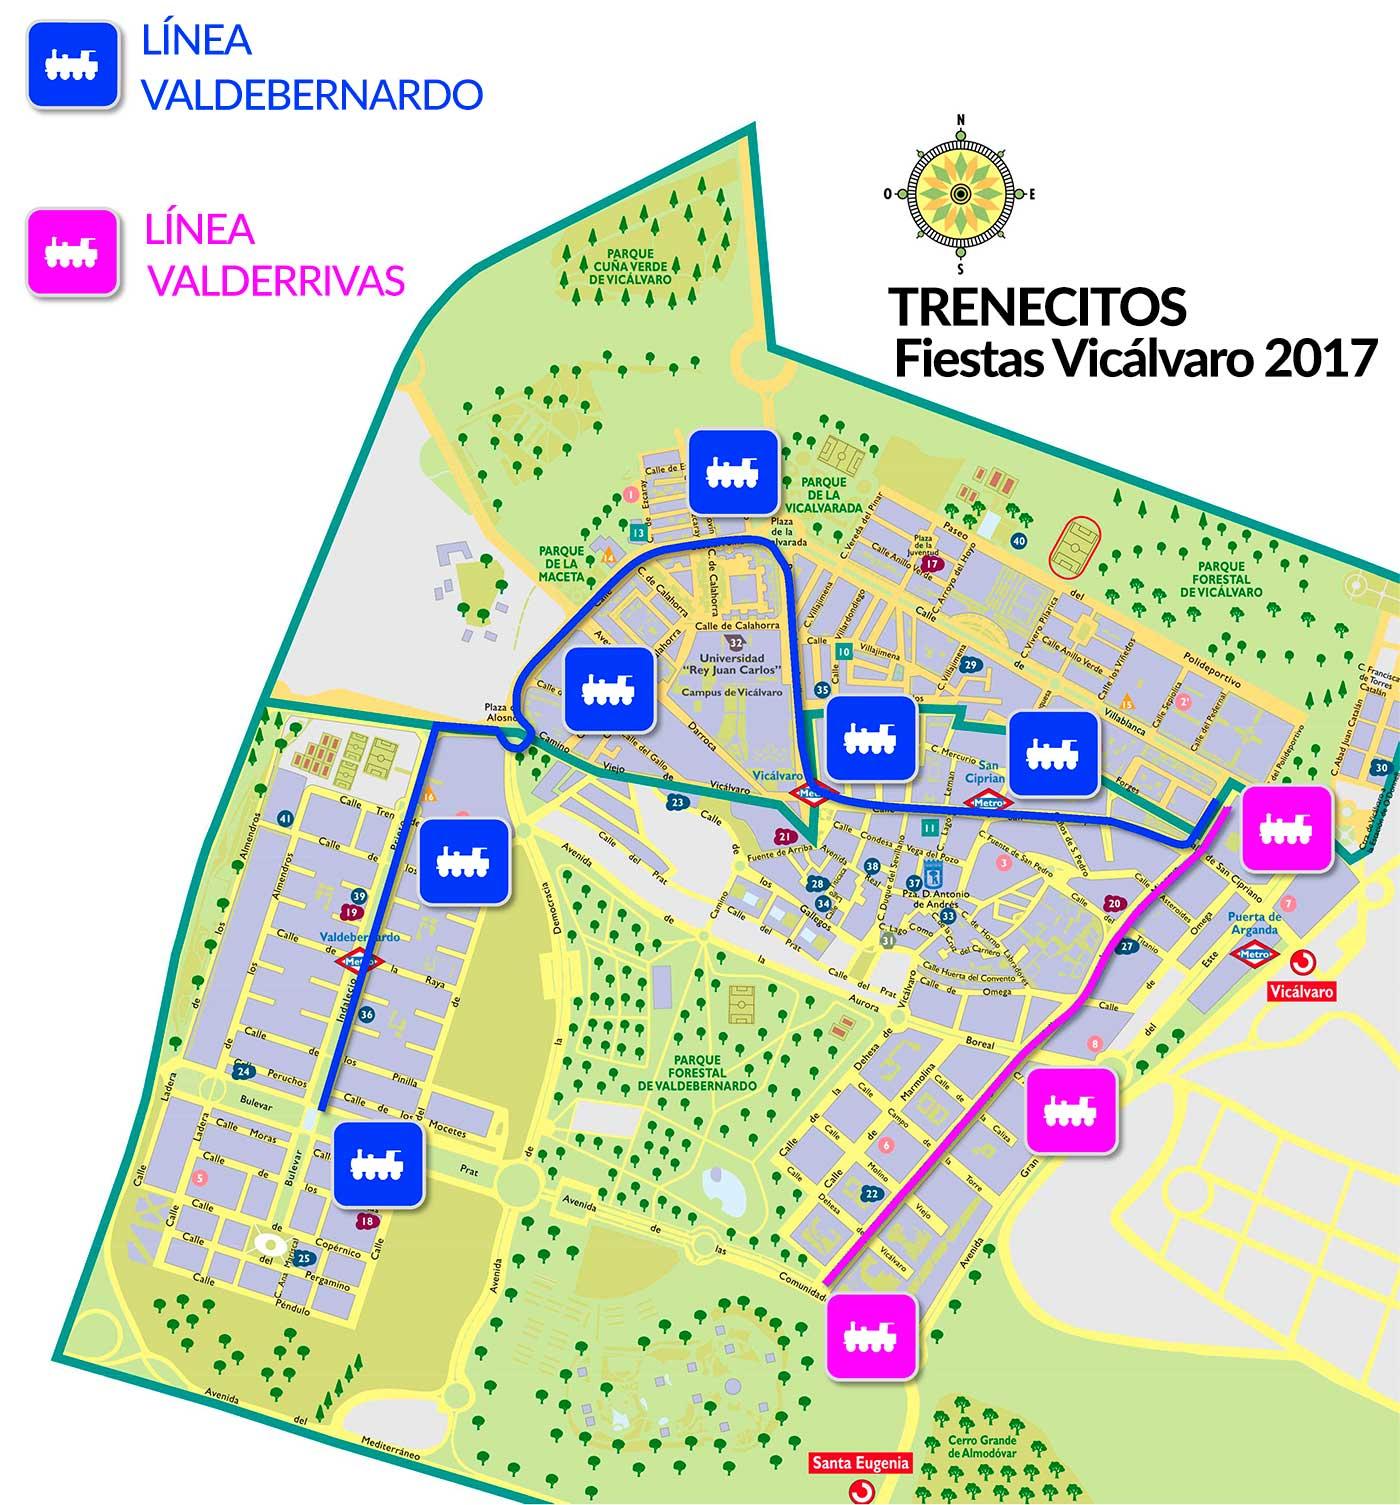 detalle mapa Vicálvaro con paradas de trenecitos